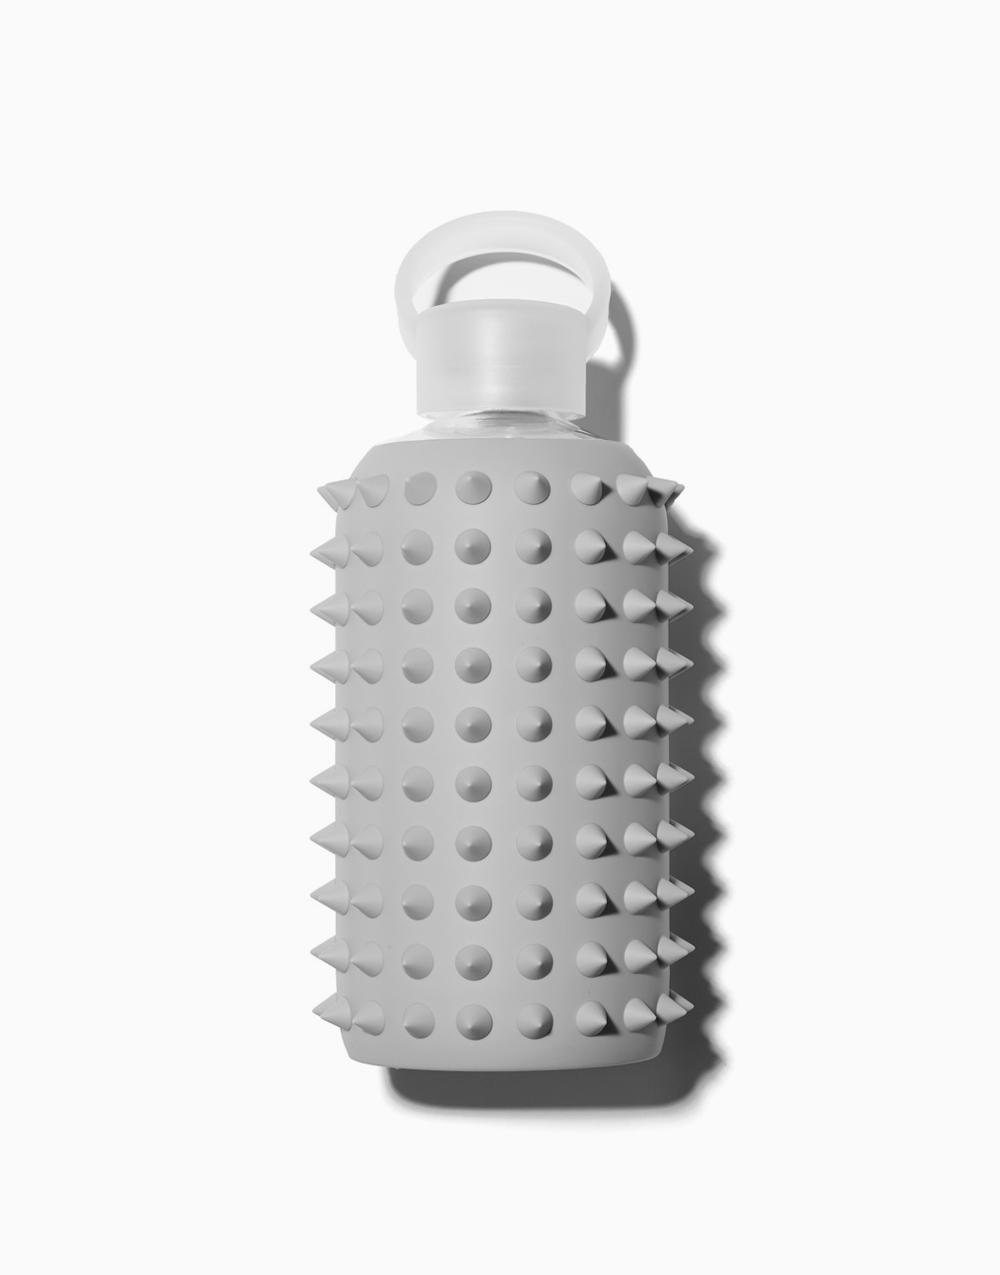 Spiked Water Bottle (500ml) by Bkr   London